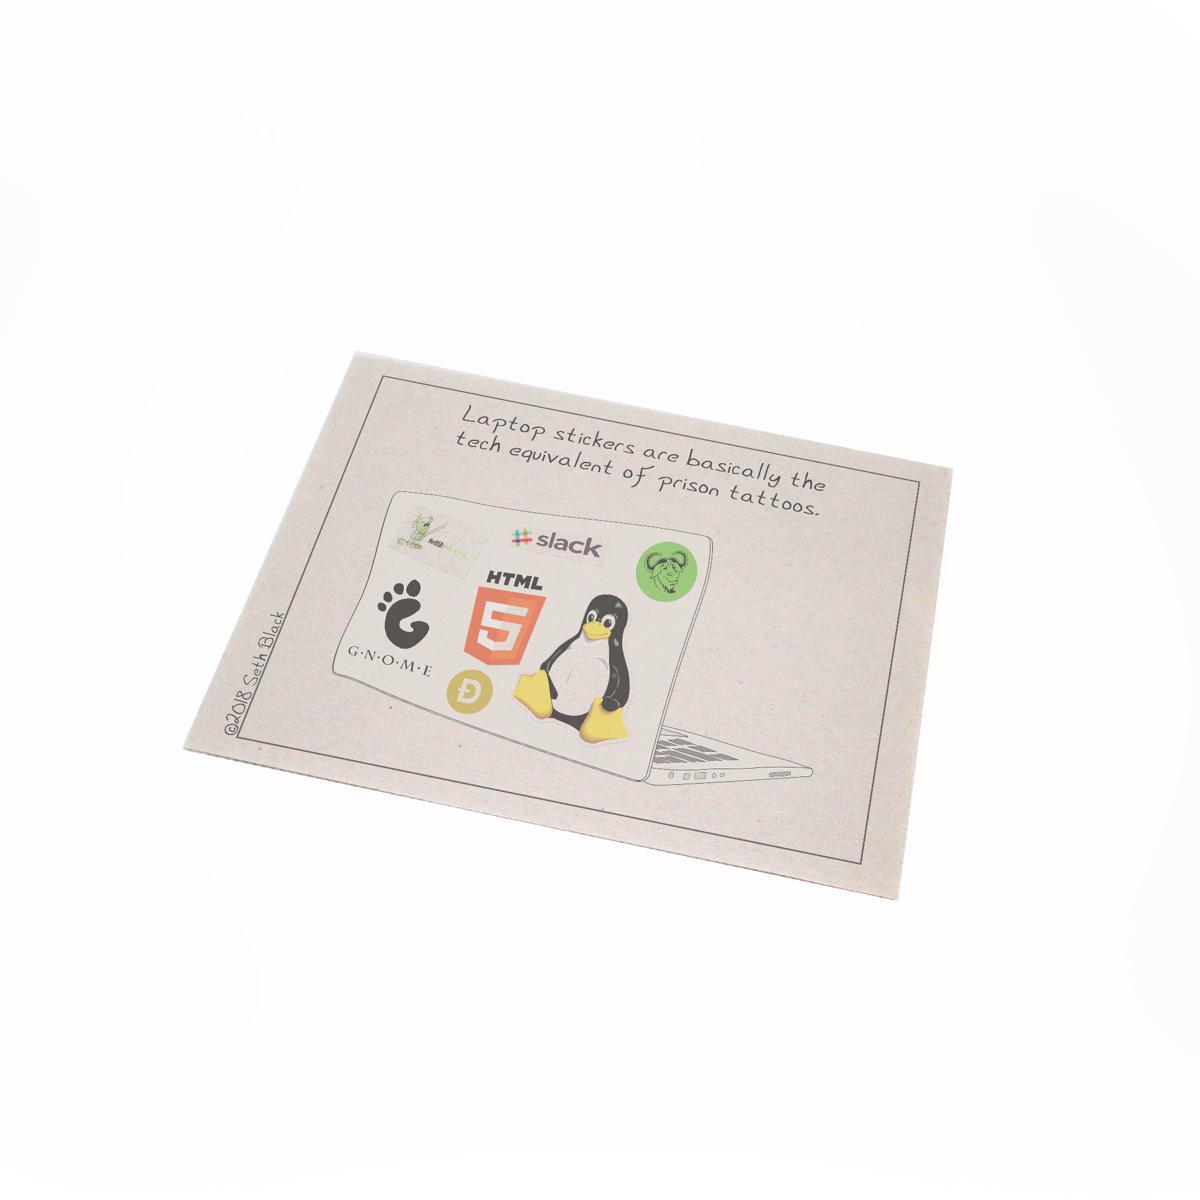 Laptop Stickers Newsprint Regular Newsprint